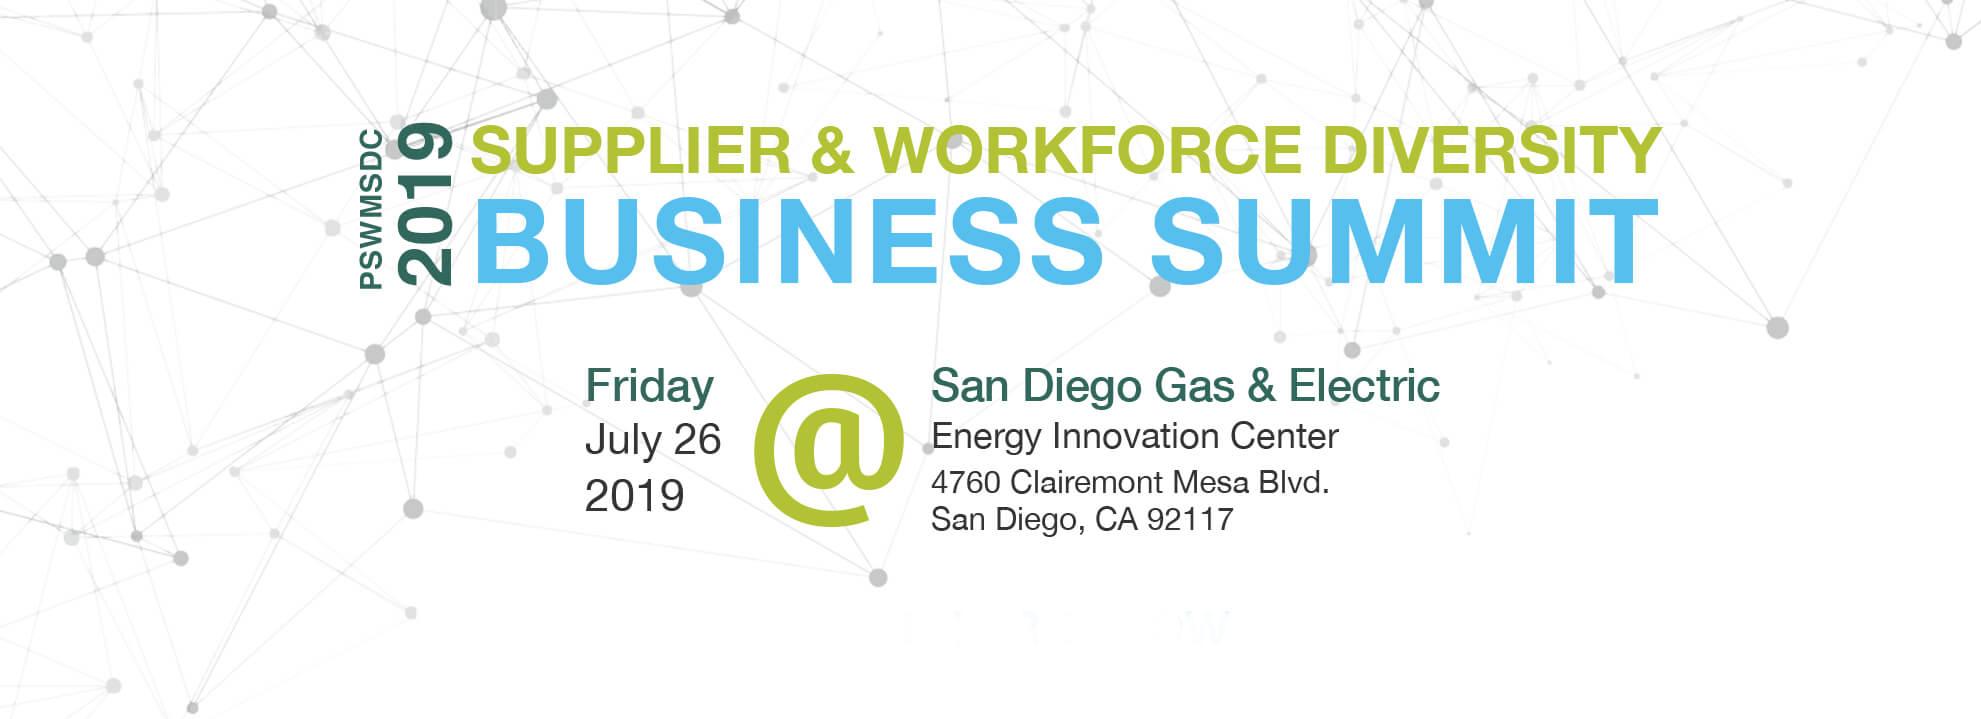 2019 Supplier & Workforce Diversity BUsiness Summit